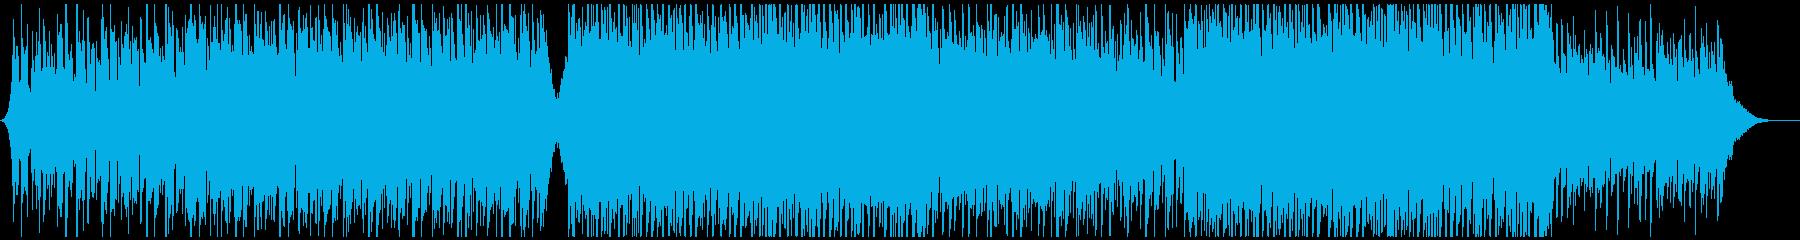 企業向ギター爽やかオープニング感動ポップの再生済みの波形